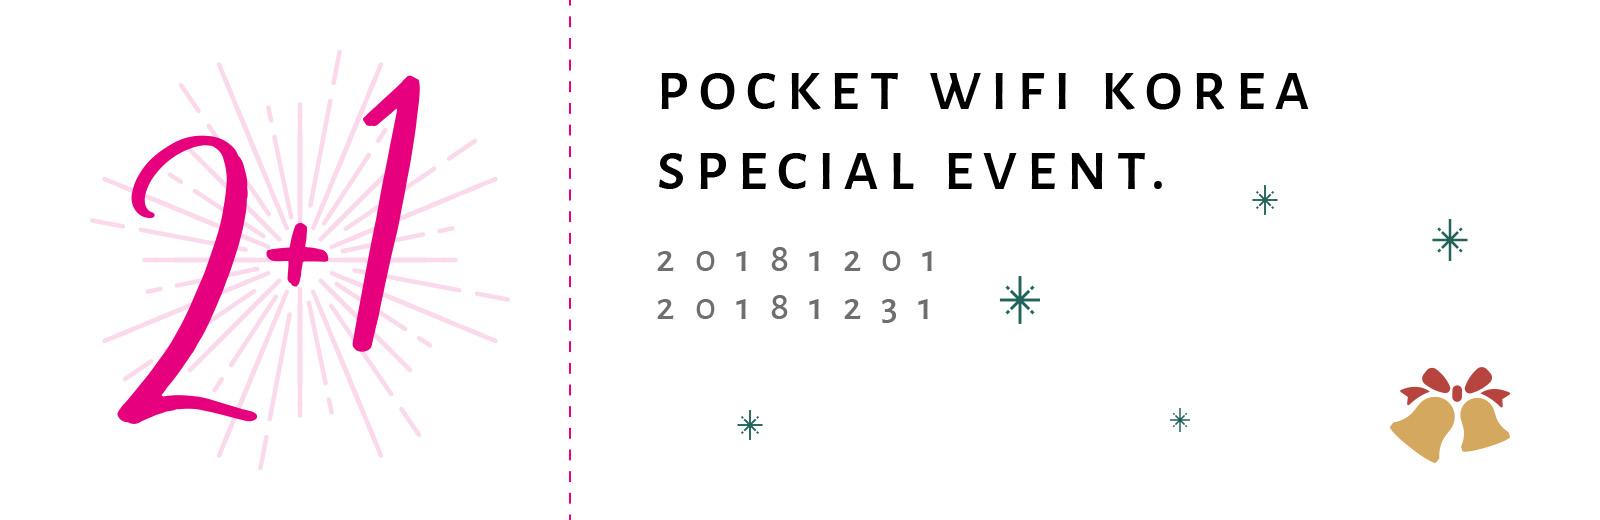 2018 상설 이벤트 배너 12월 수정 2